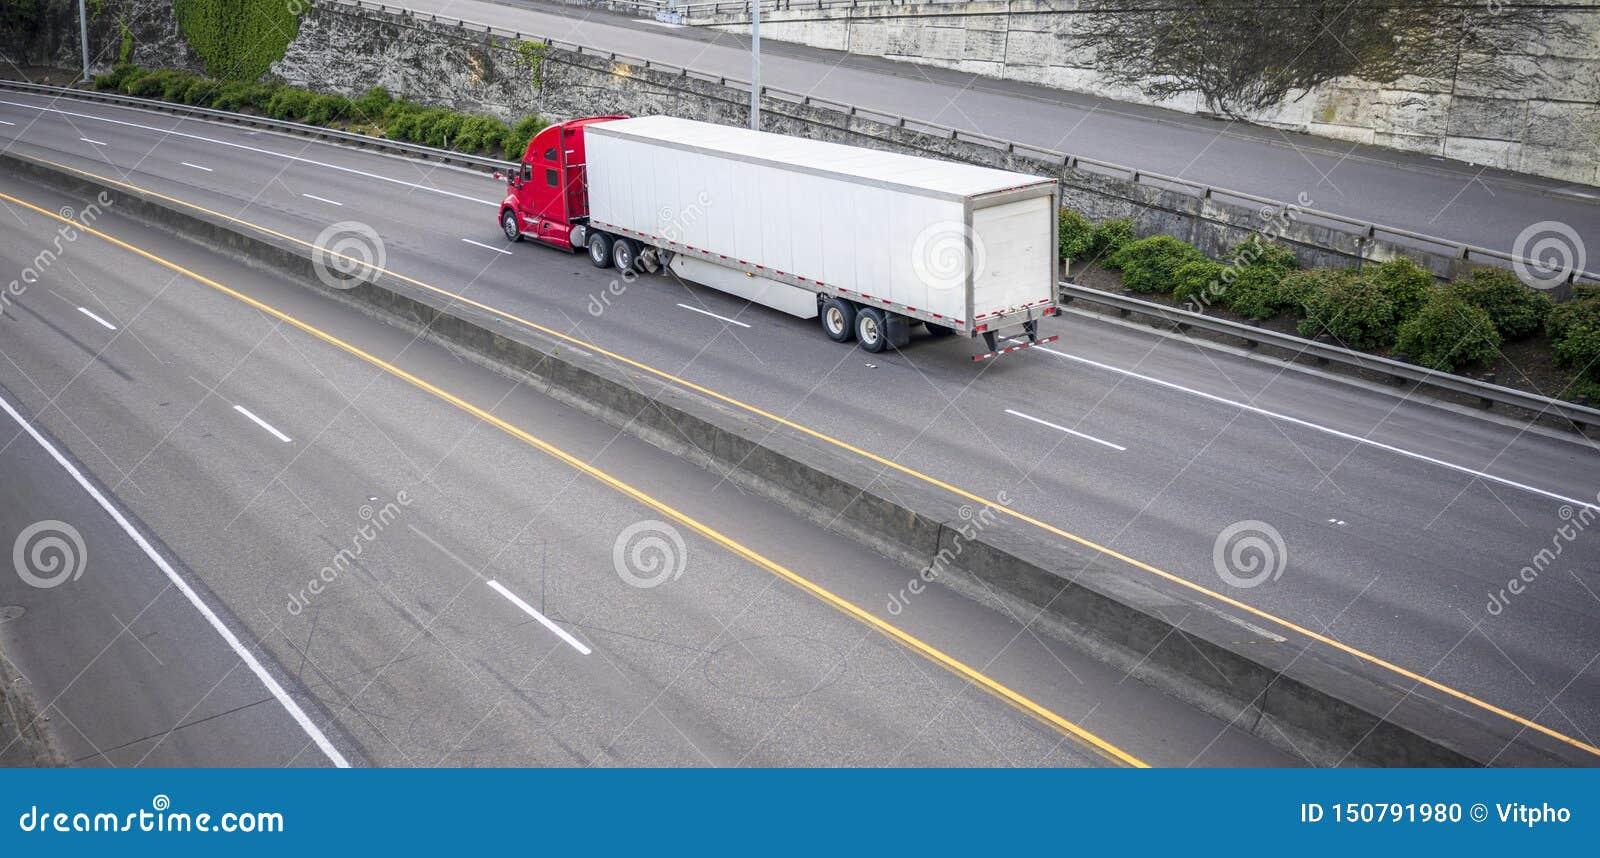 Czerwona duża takielunku dalekiego zasięgu semi ciężarówka z suchym samochodu dostawczego semi przyczepy bieg na dzielącej szerok